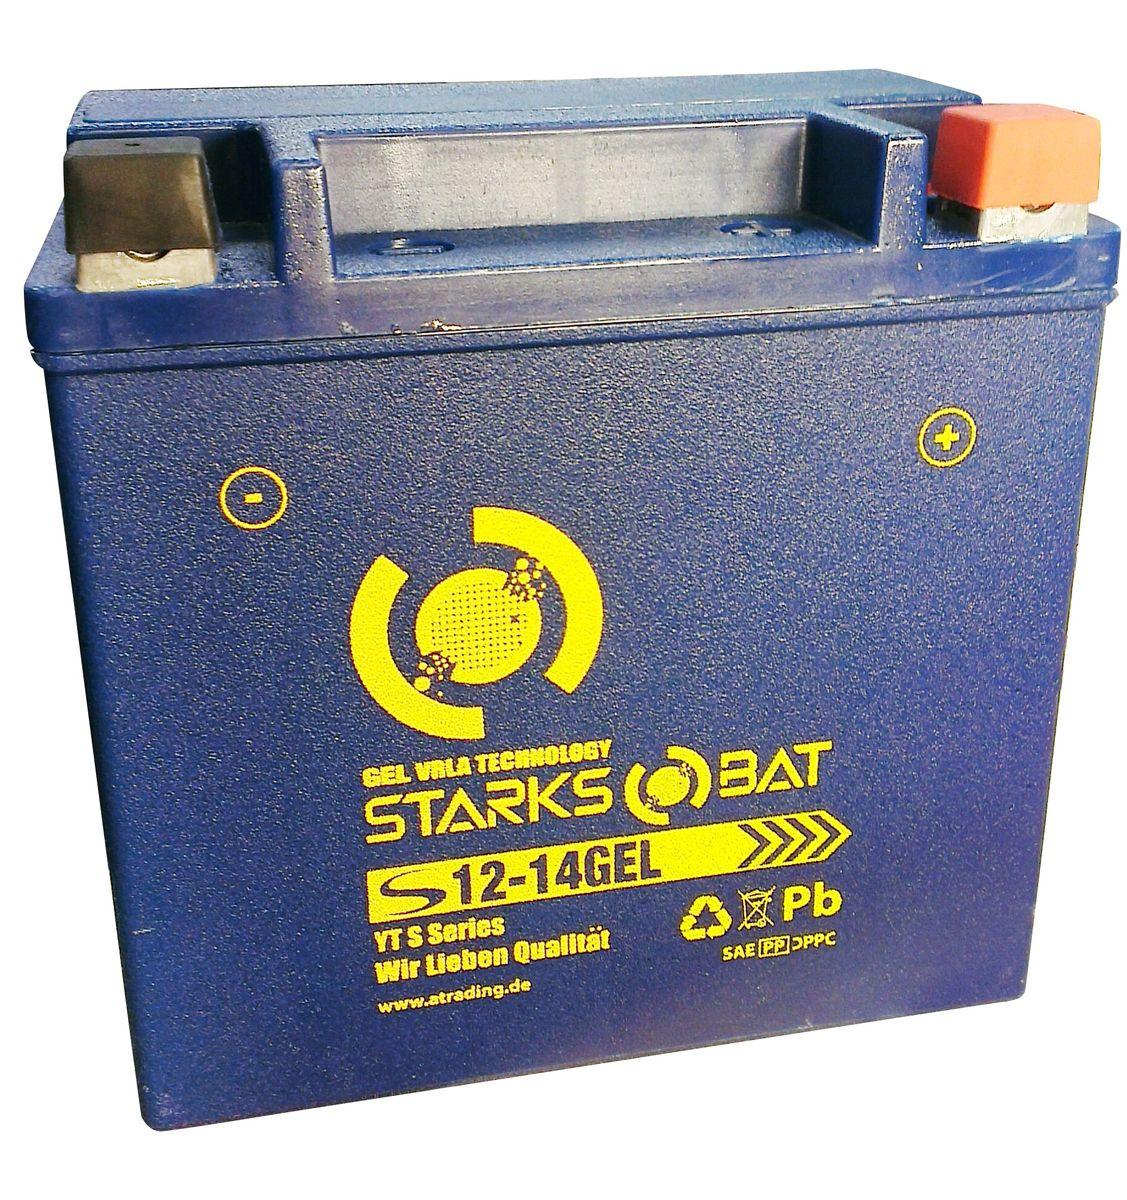 Батарея аккумуляторная для мотоциклов Starksbat. YT S 12-14 GEL (YTX14L-BS)YT S 12-14YT S 12-14 GEL (YTX14L-BS) Аккумуляторы для мотоциклов STARKSBAT производятся немецким концерном Active Trading GmbH. Аккумуляторы STARKSBAT изготовлены по технологии AGM, обеспечивающей повышенный уровень безопасности батареи и удобство ее эксплуатации. Корпус АКБ STARKSBAT выполнен из особо ударопрочного и морозостойкого полипропилена. Аккумуляторы STARKSBAT длительное время успешно продаются в США и Канаде, где блестяще доказали свои высокие эксплуатационные свойства в самых экстремальных условиях бездорожья, высоких и низких температур. Аккумуляторные батареи STARKSBAT производятся под знаменитым Немецким контролем качества, что обеспечивает им высокие пусковые характеристики и восстановление емкости даже после глубокого разряда. YT S 12-14GEL Technology (YTX14L-BS) Параметры аккумулятора: Напряжение (В): 12 Емкость (А/Ч): 14 Размеры (мм): 150x87x145 Полярность: Обратная (- +) Ток холодной прокрутки: 220 Аh (EN) Корпус АКБ STARKSBAT выполнен из особо ударопрочного и...